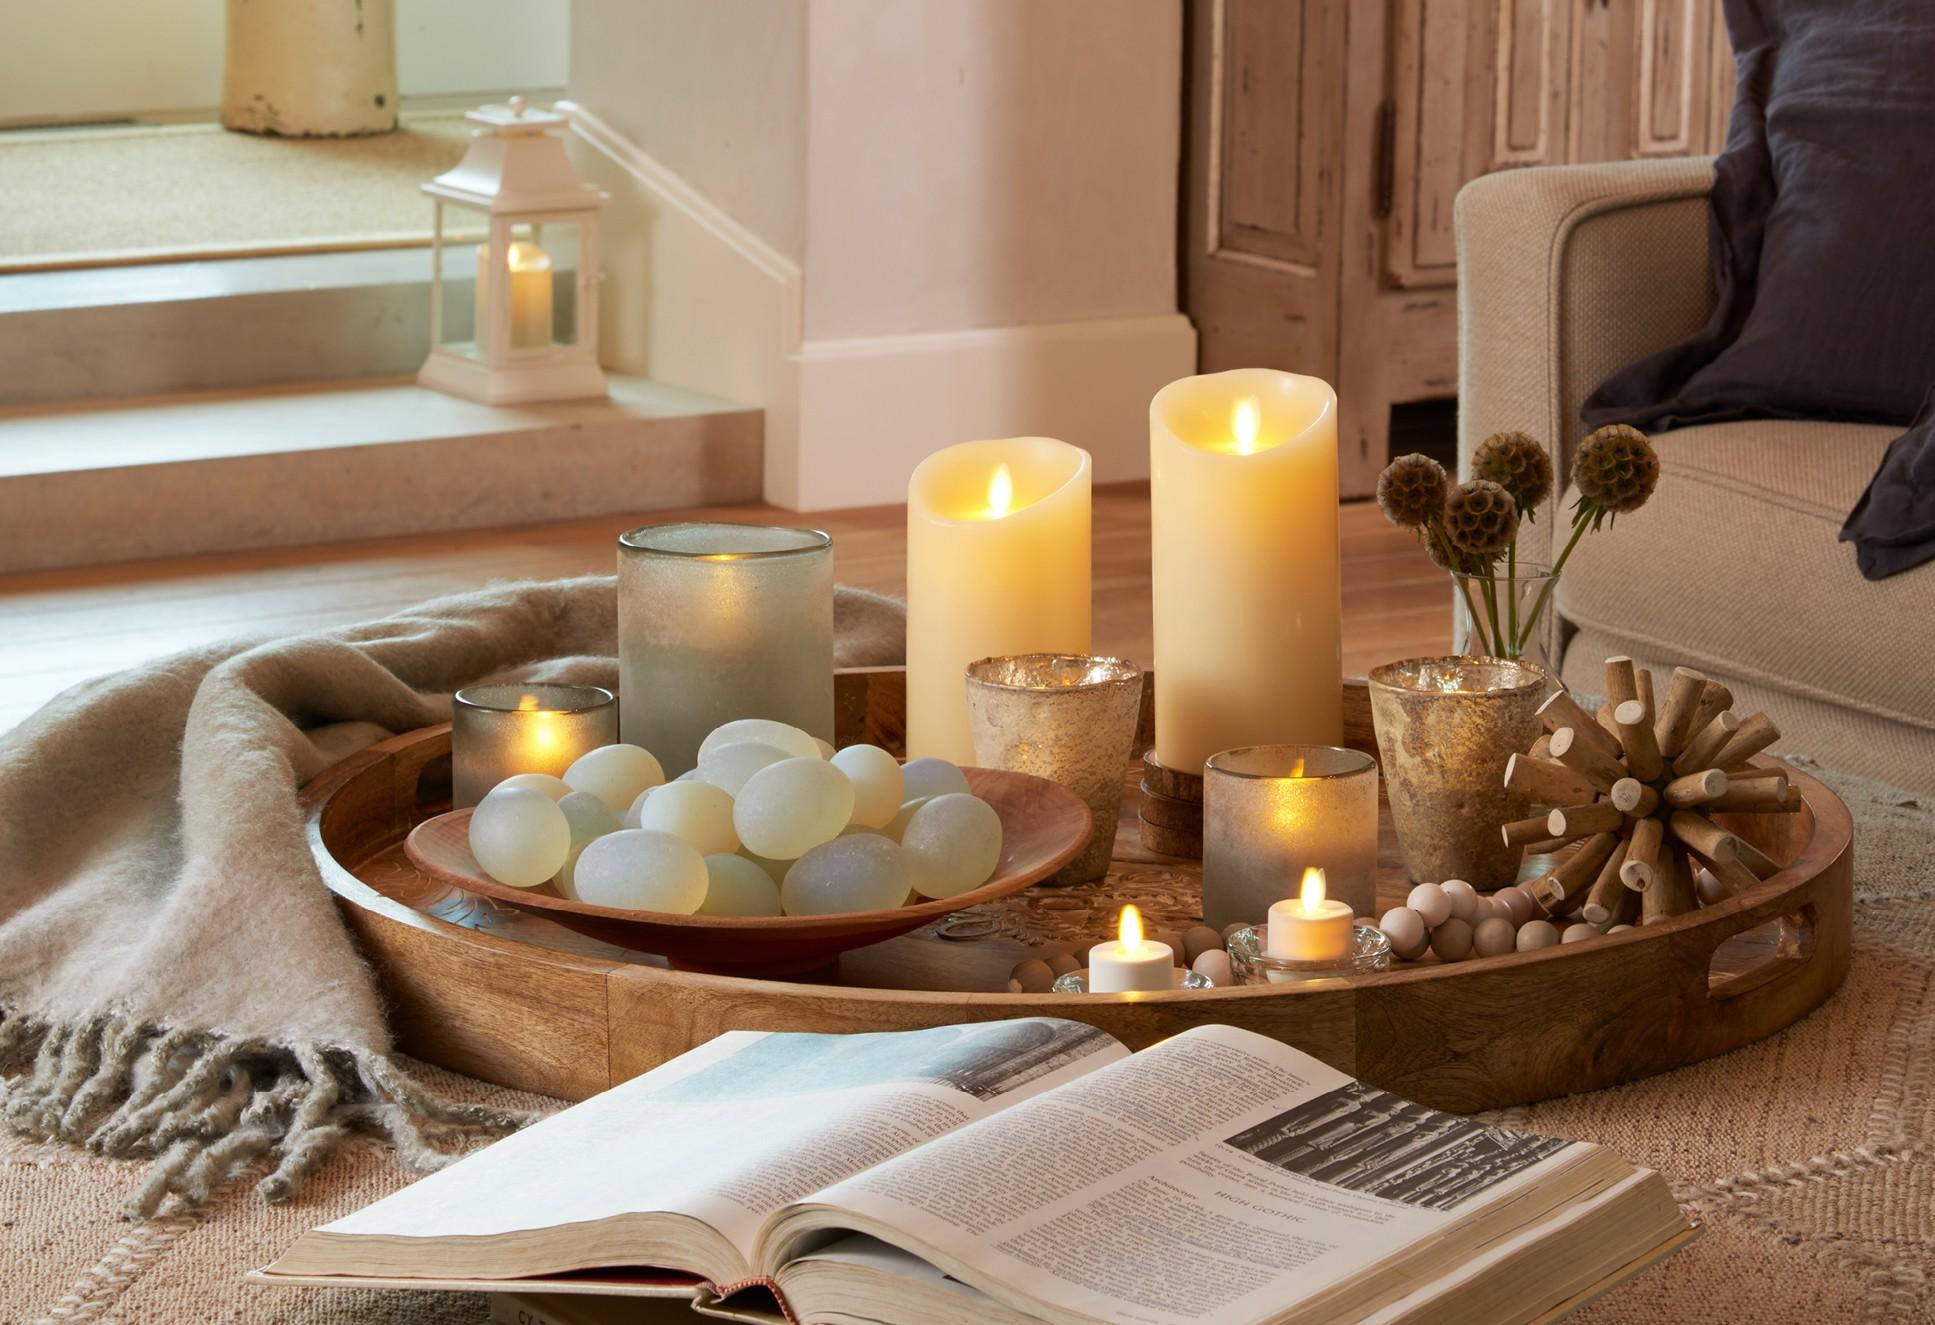 Чем пахнет ваш дом? Интересные варианты арома-терапии для жилища